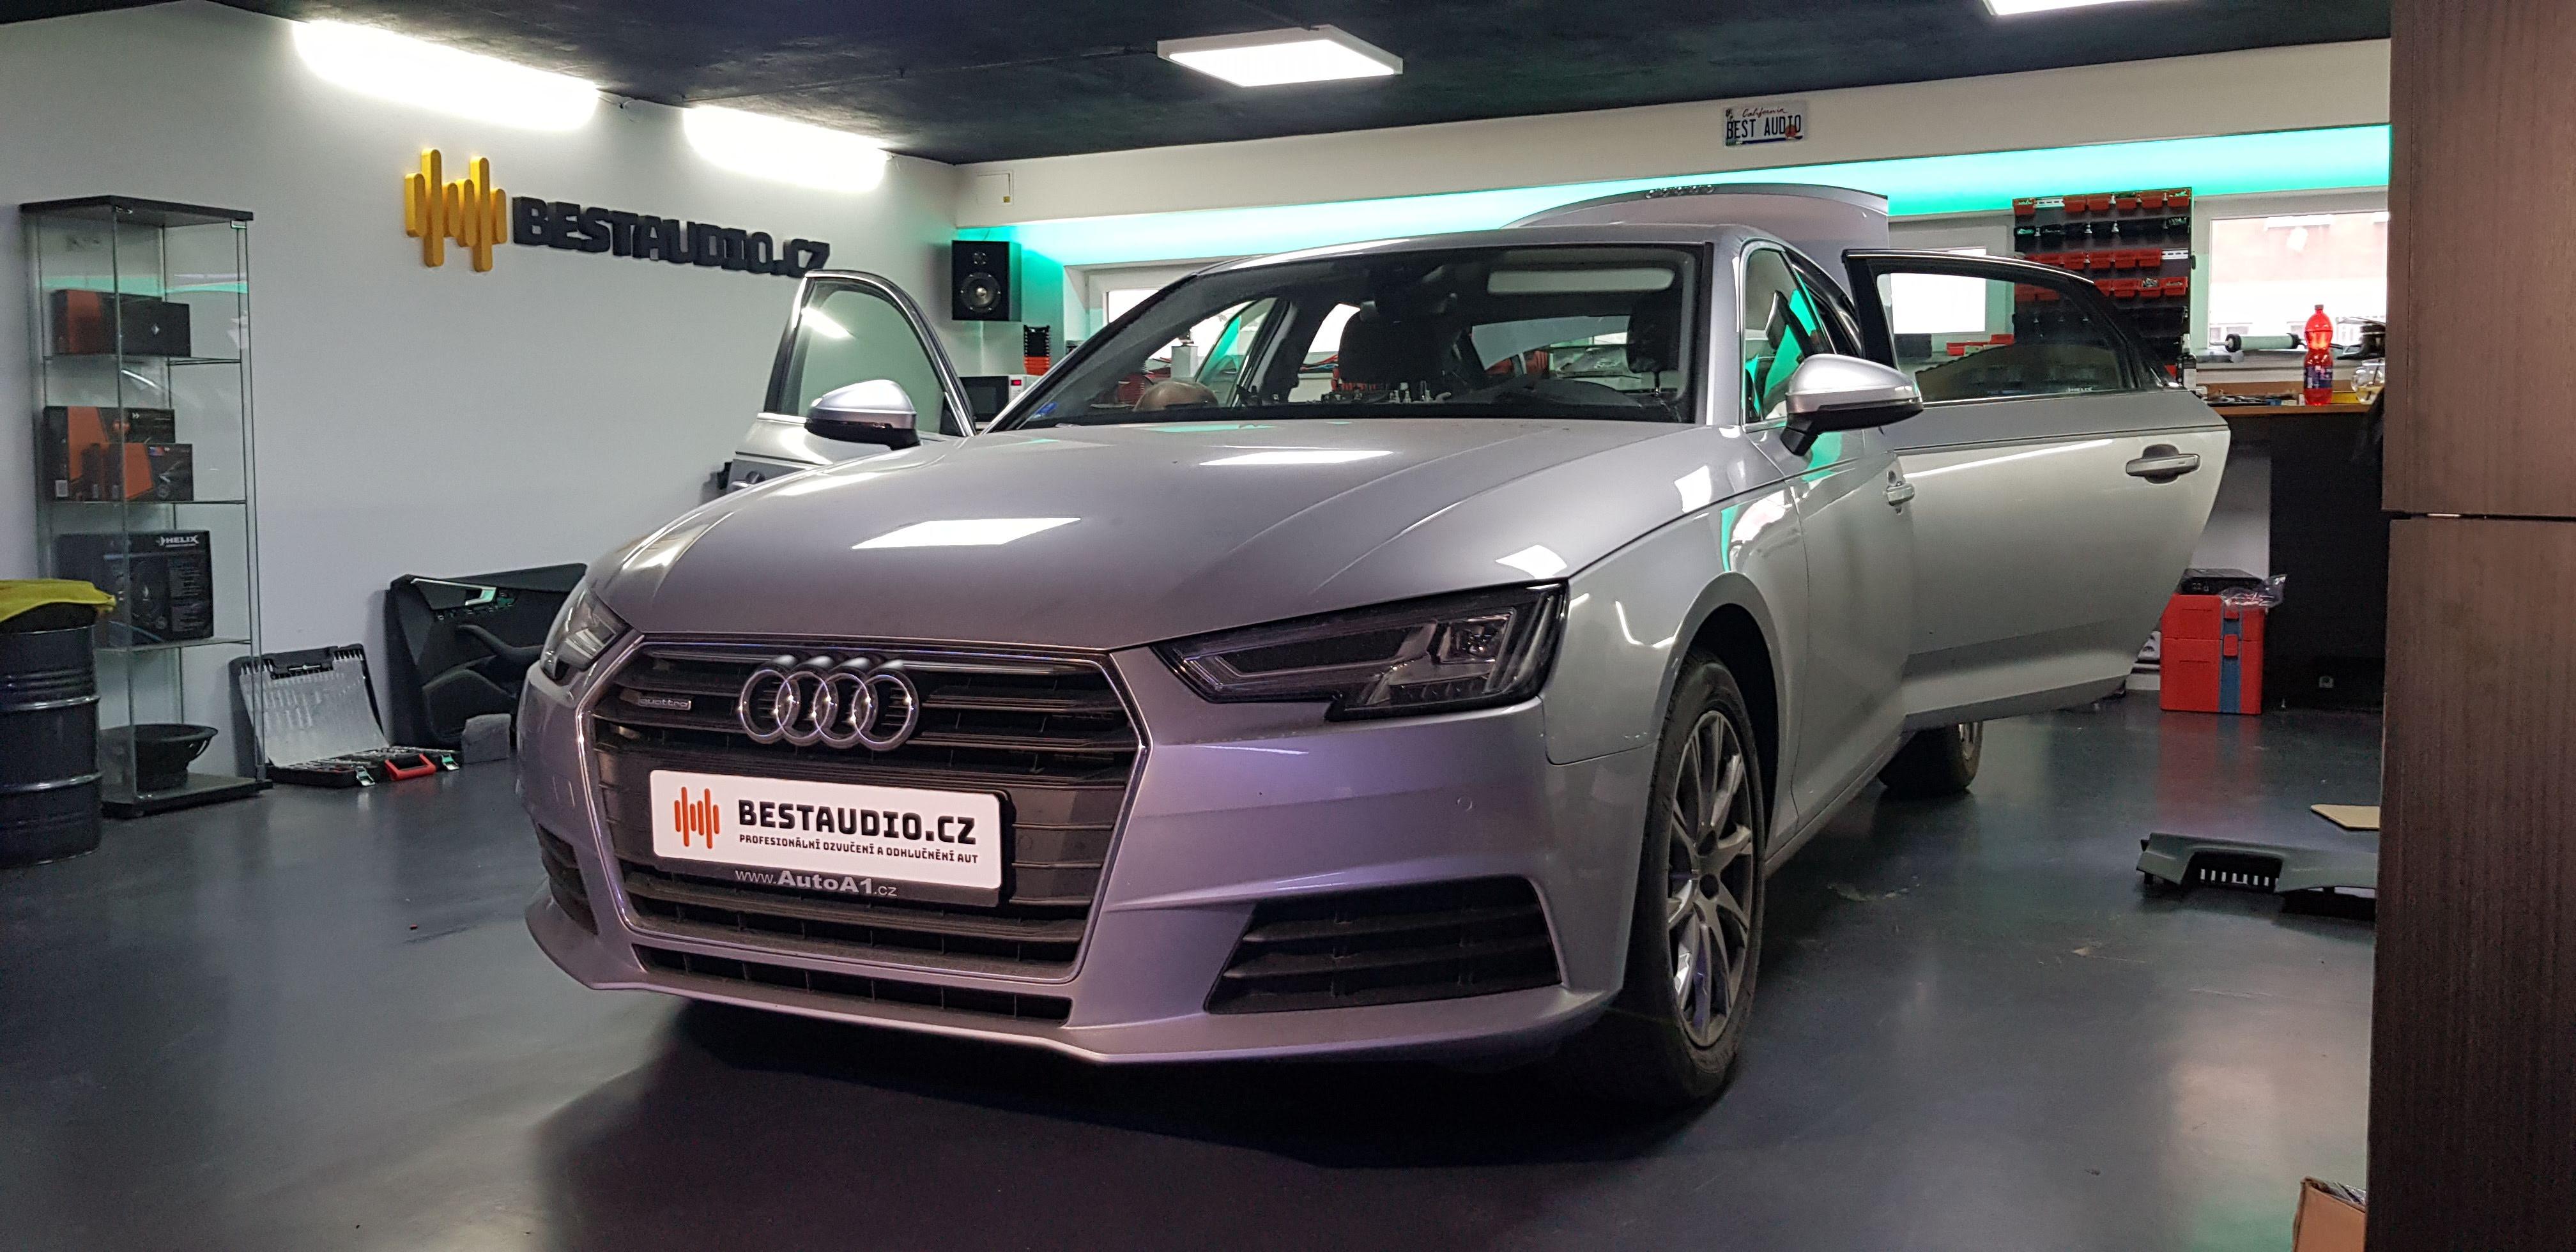 Audi A4 2016 - instalace reproduktorů, subwooferu a zesilovače s DSP